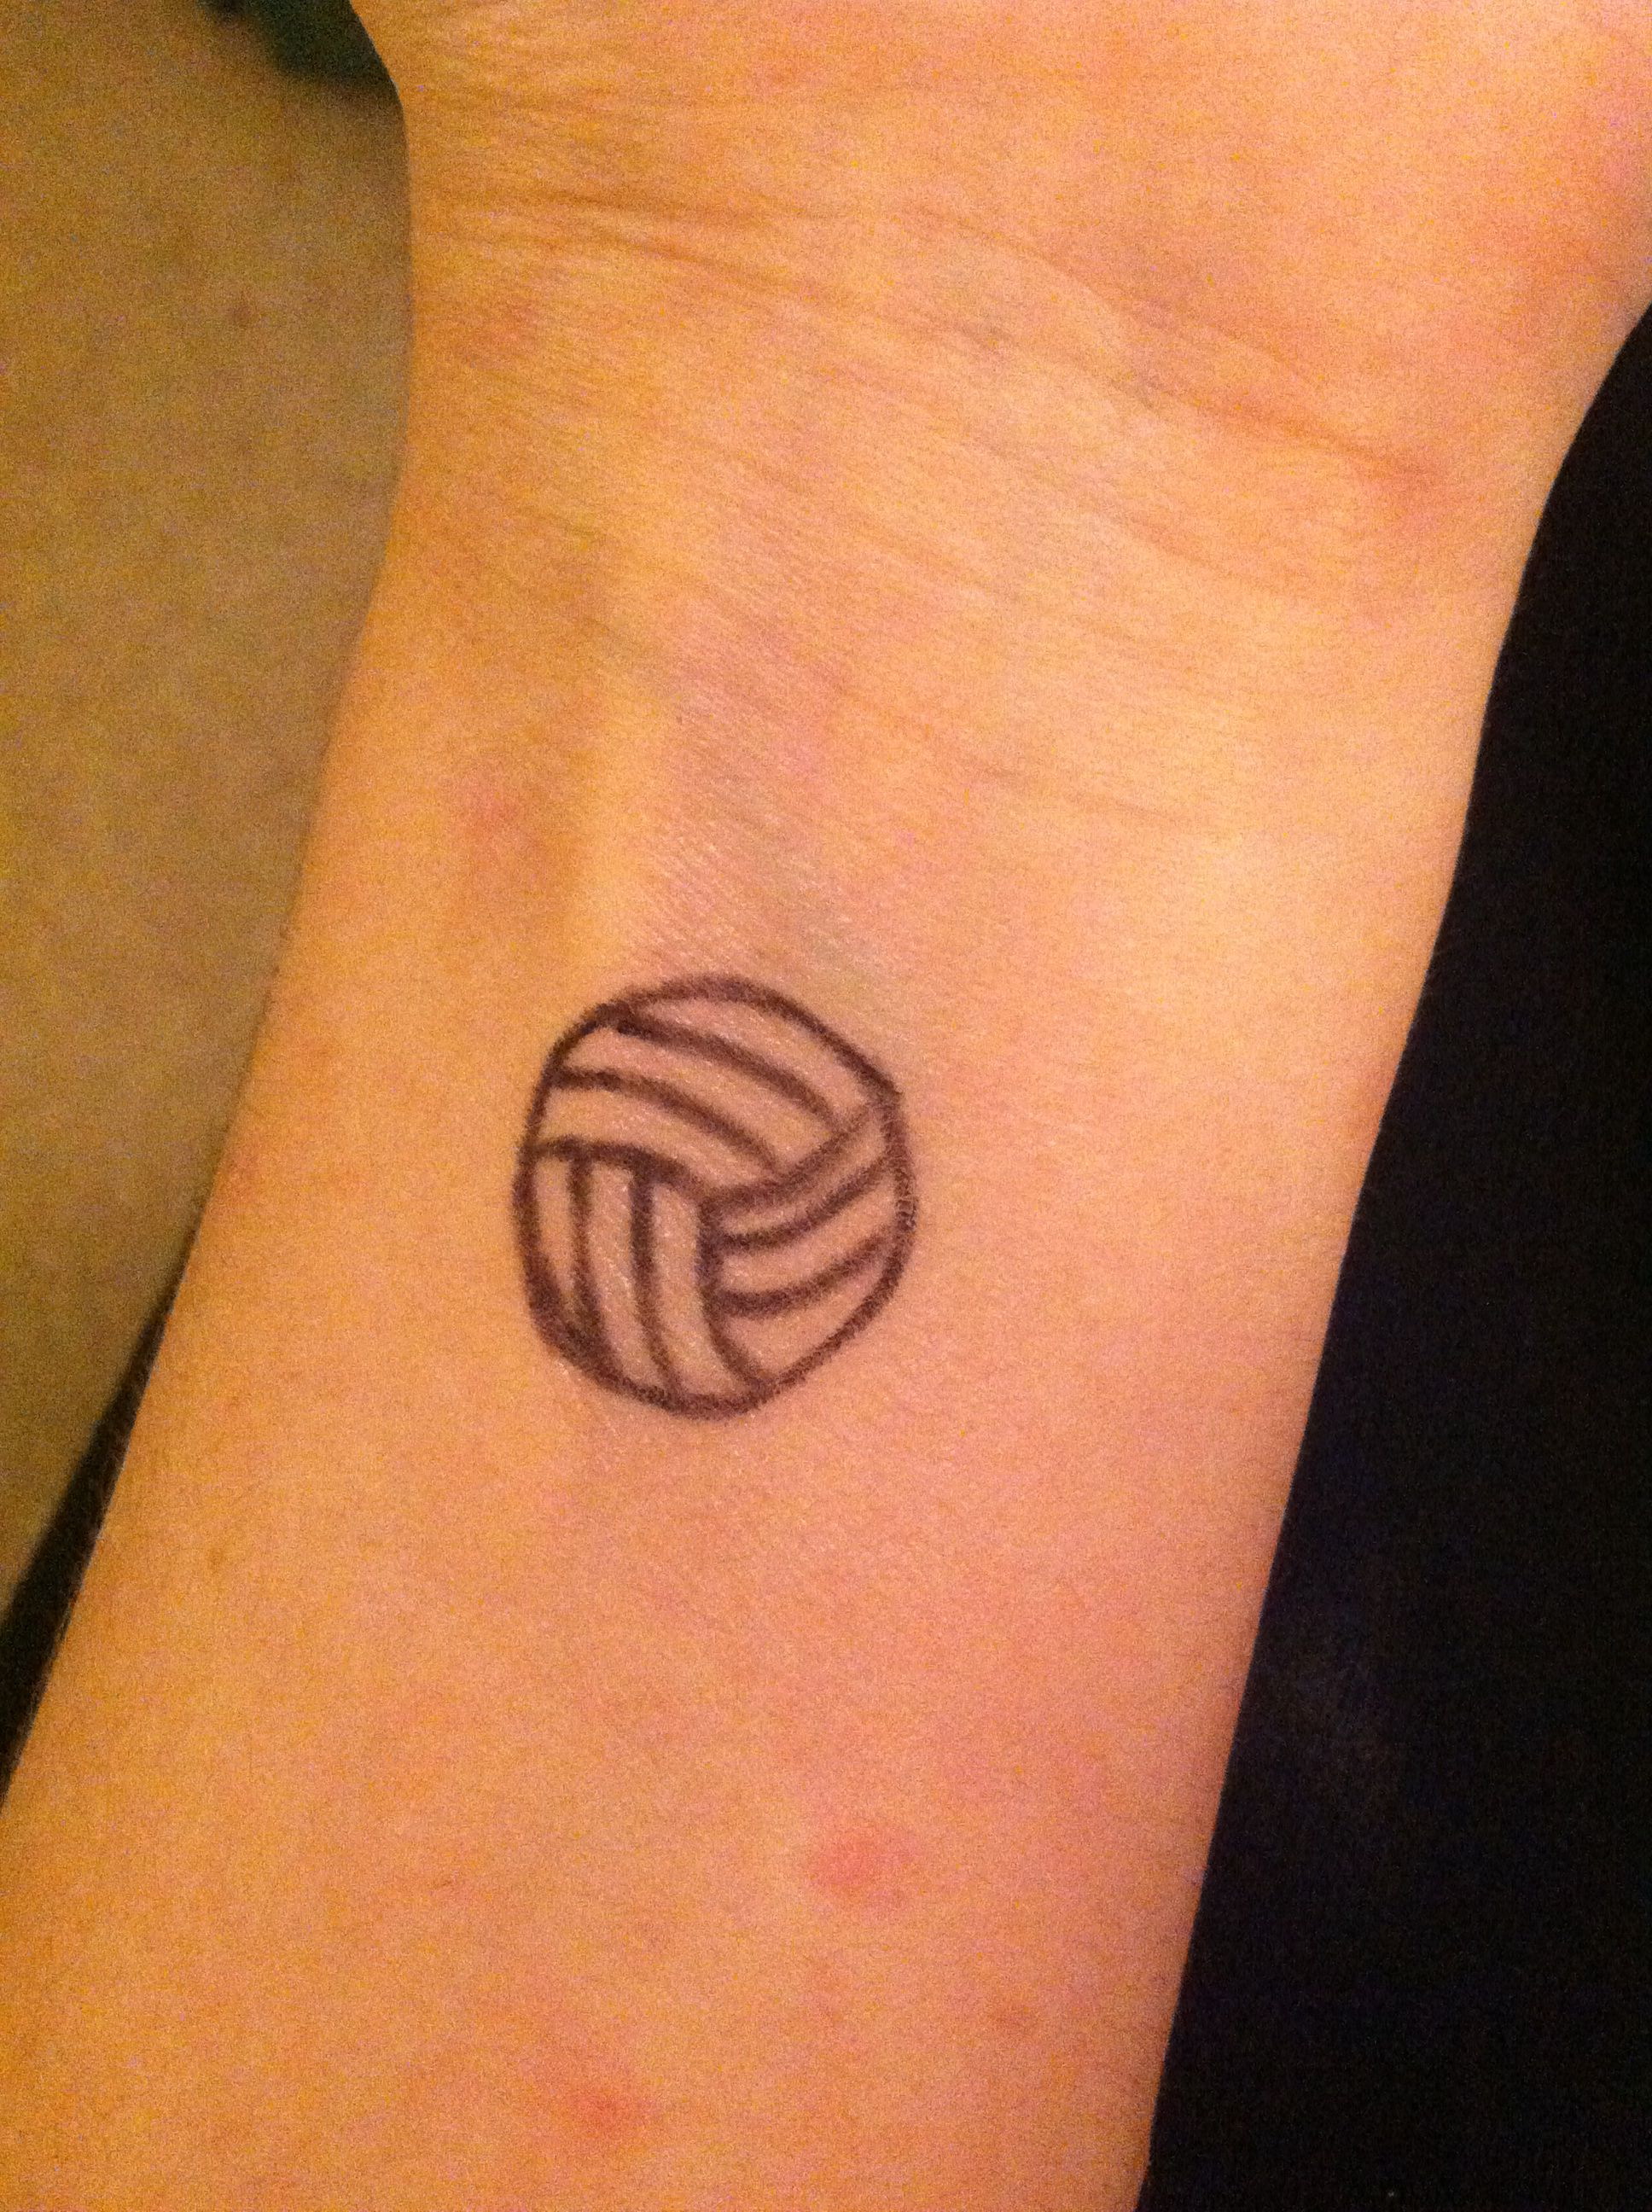 Volleyball Another Temporary Tattoo I Did Tattoos I Tattoo Cool Tattoos